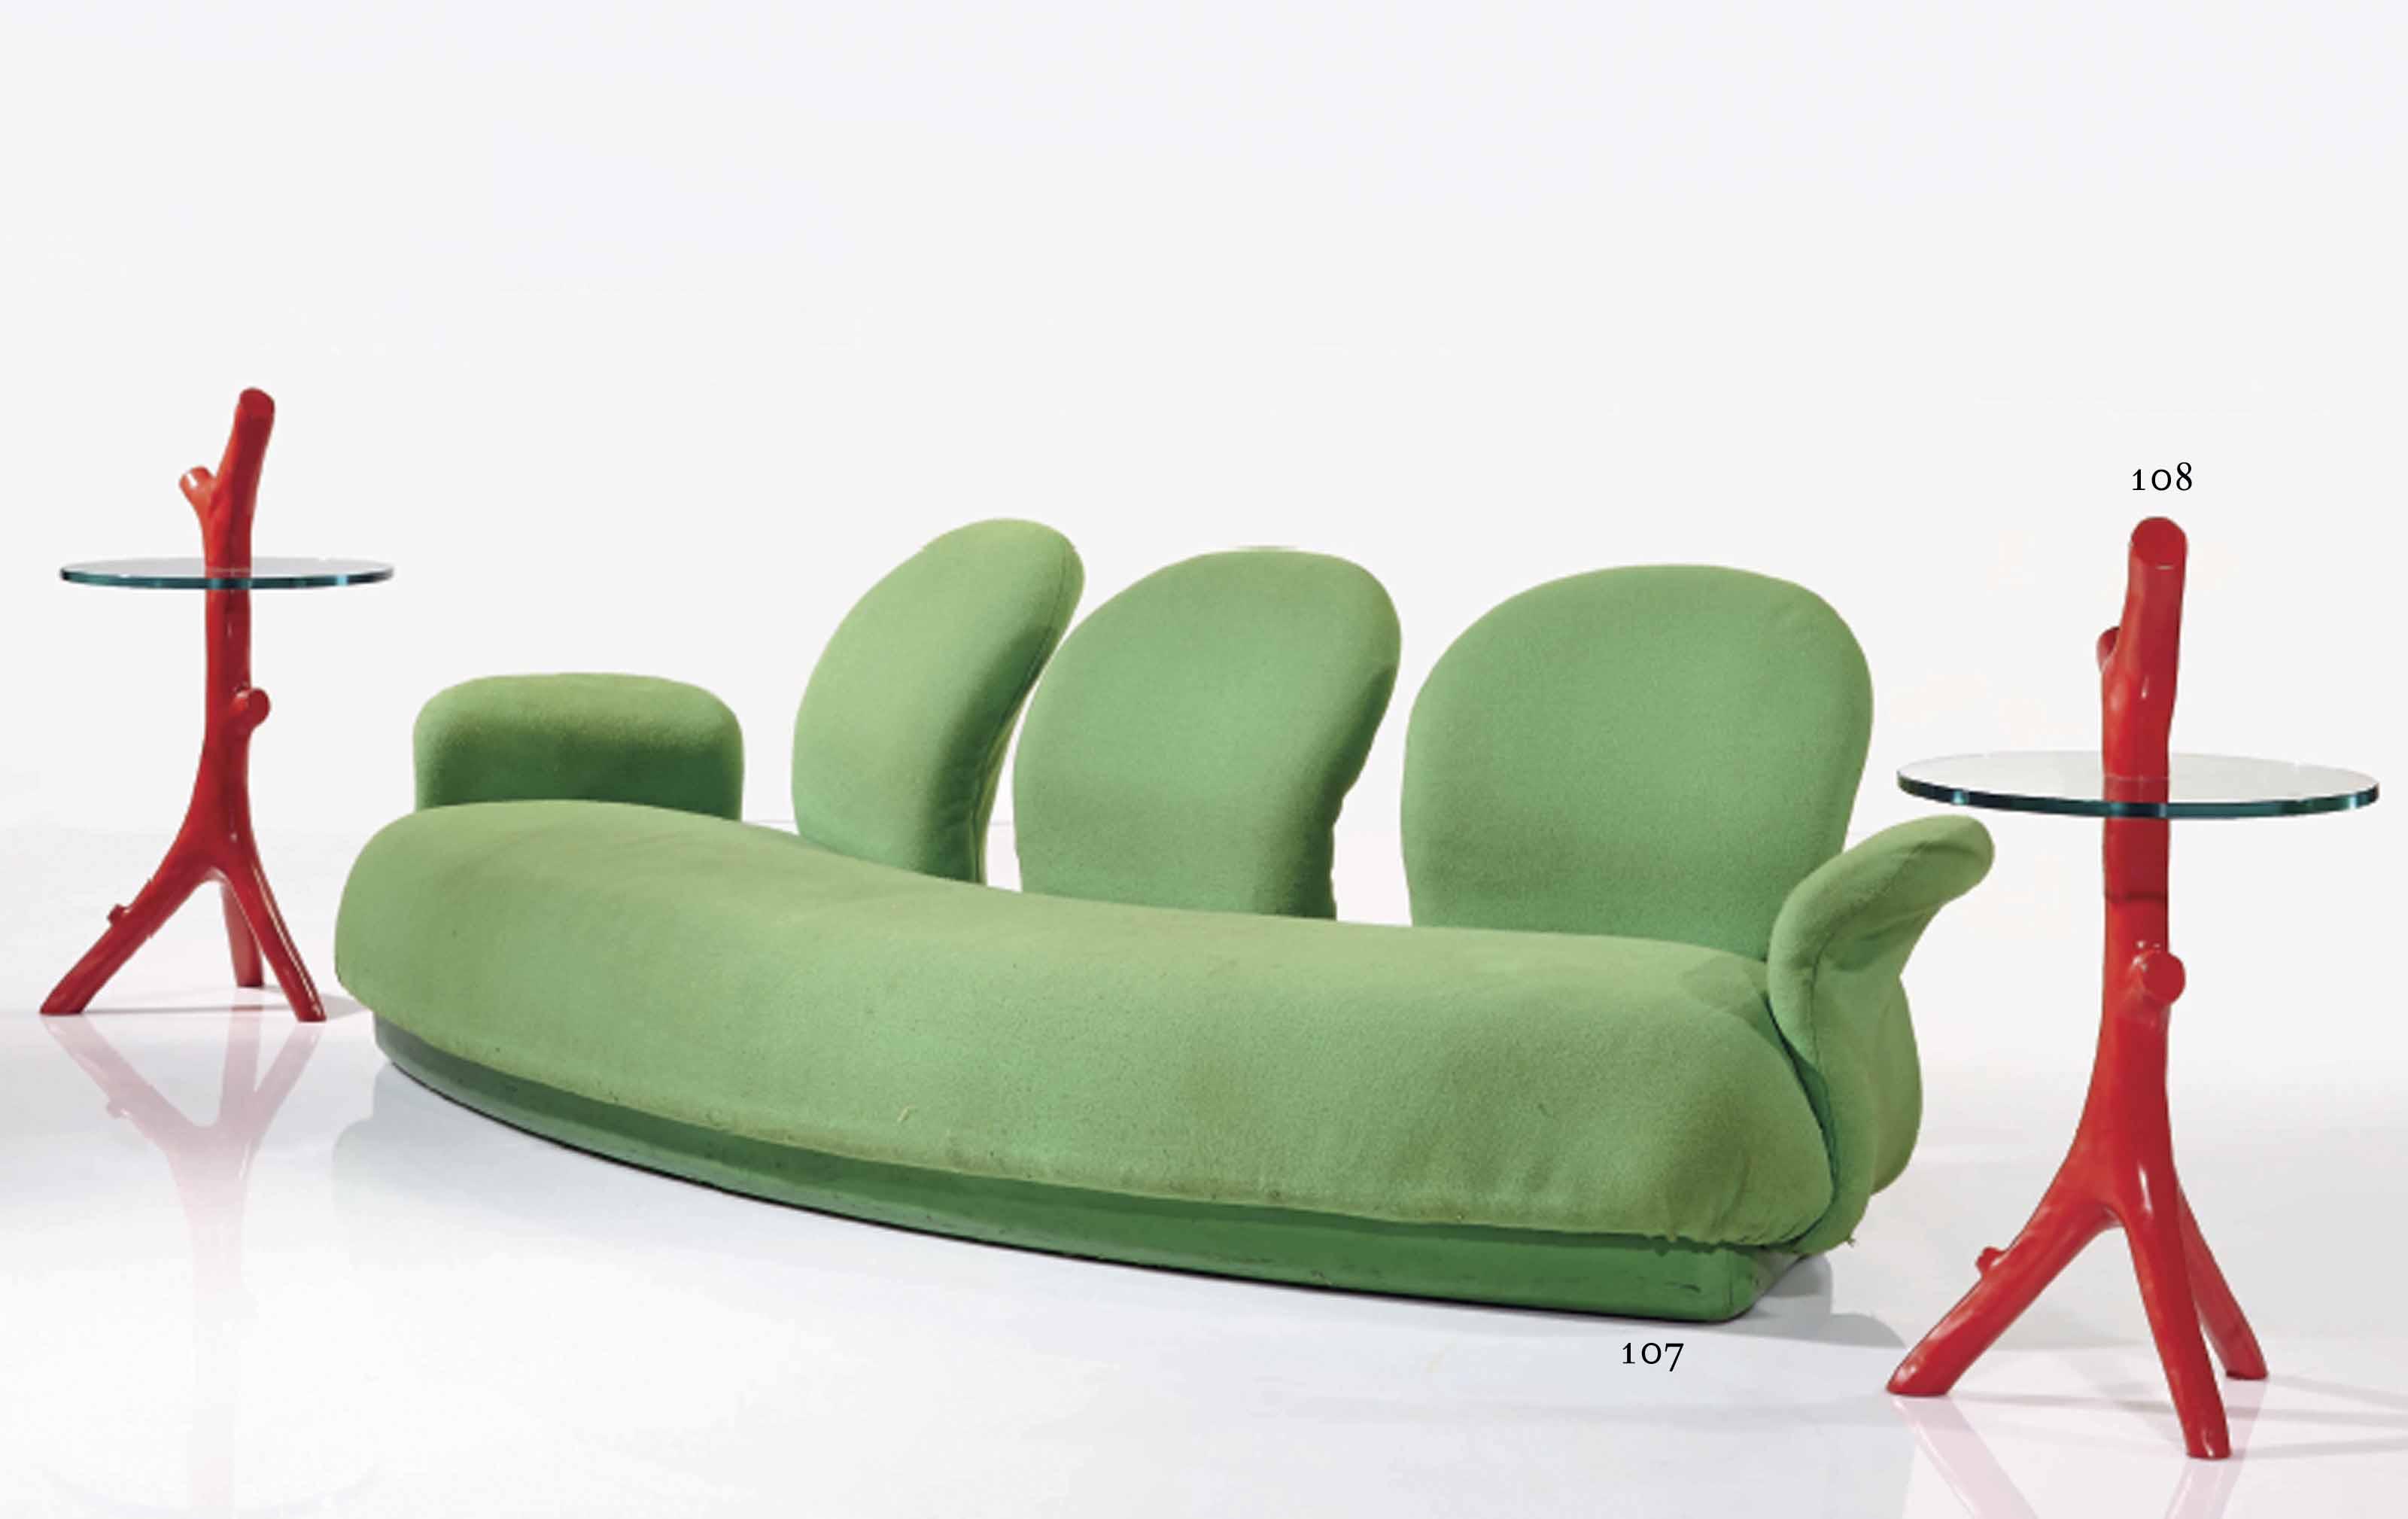 pierre paulin n en 1927 canap 39 f286 3 39 dit 39 multimo 39 le mod le cr en 1969 1970 dition. Black Bedroom Furniture Sets. Home Design Ideas